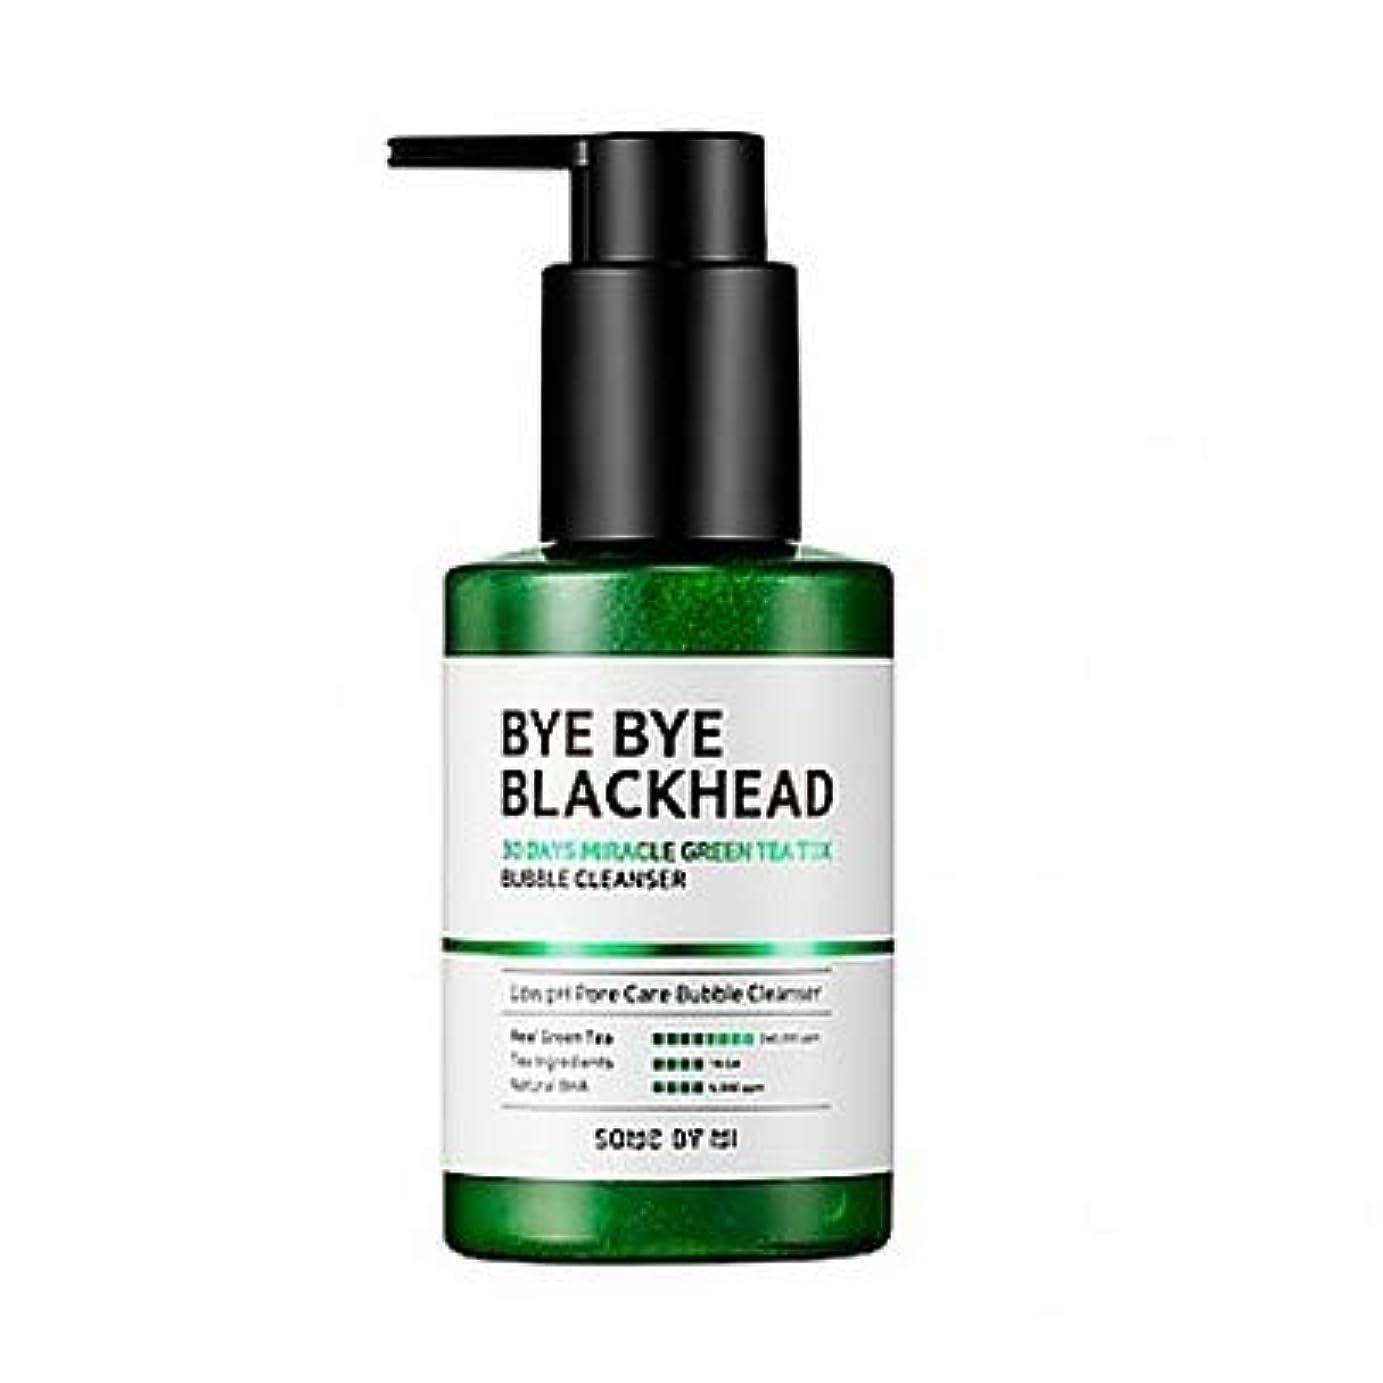 フレア復讐かもめ[SOME BY MI] BYE BYE BLACKHEAD 30DAYS MILACLE GREEN TEA TOX BUBBLE CLEANSER 120g / [サムバイミー] バイバイブラックヘッド30DAYS...